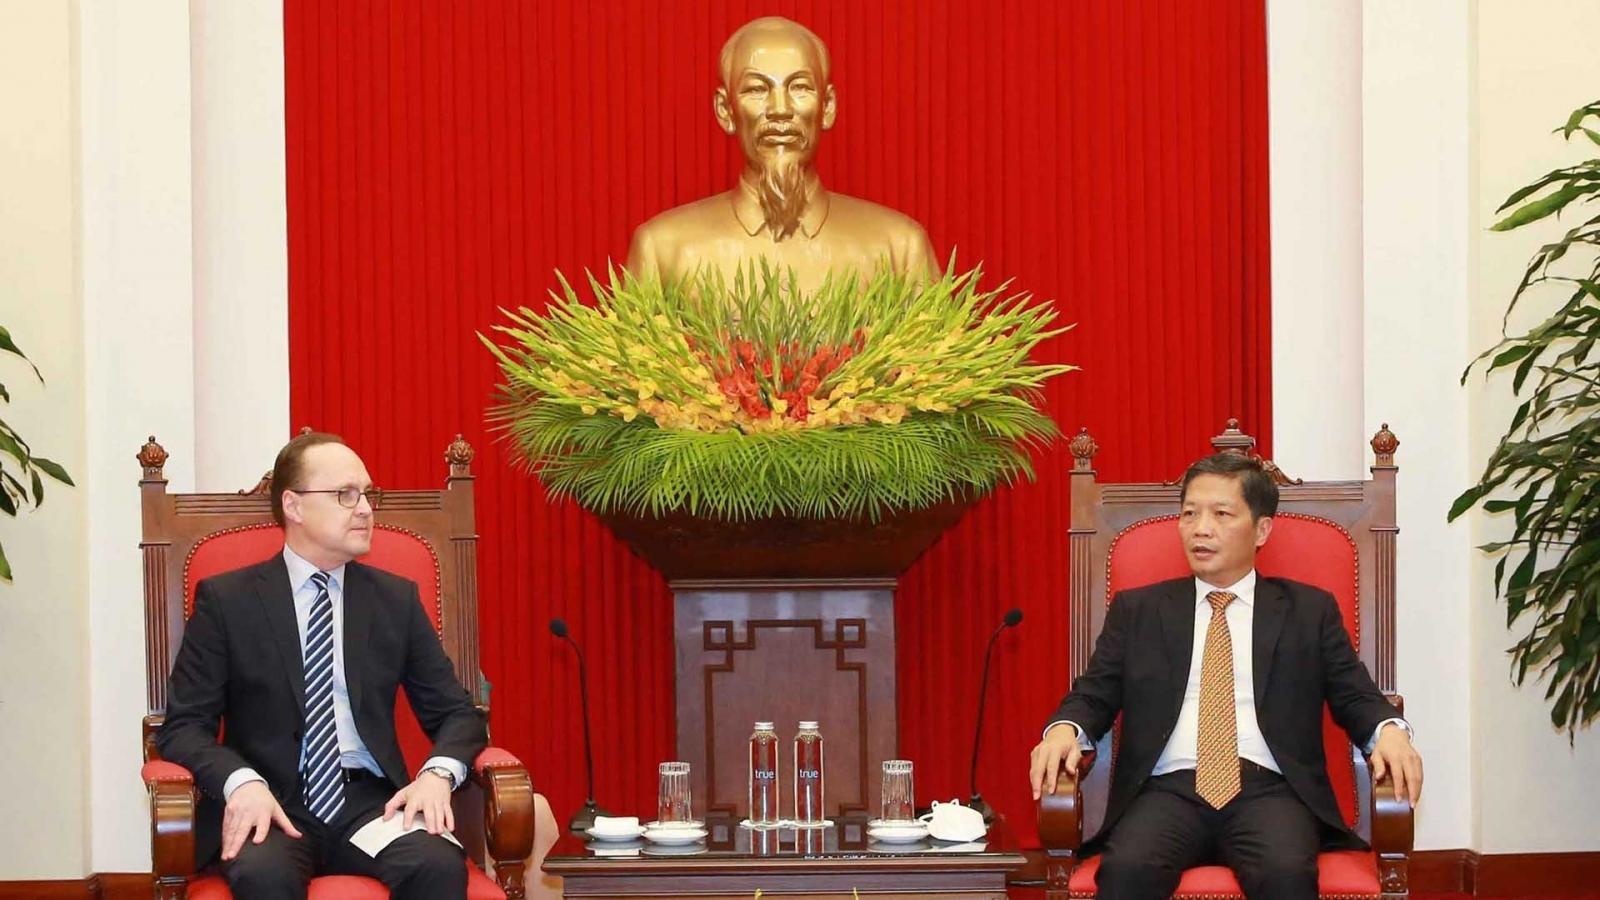 Trưởng Ban Kinh tế Trung ương Trần Tuấn Anh tiếp các Đại sứ Nga và Australia tại Việt Nam